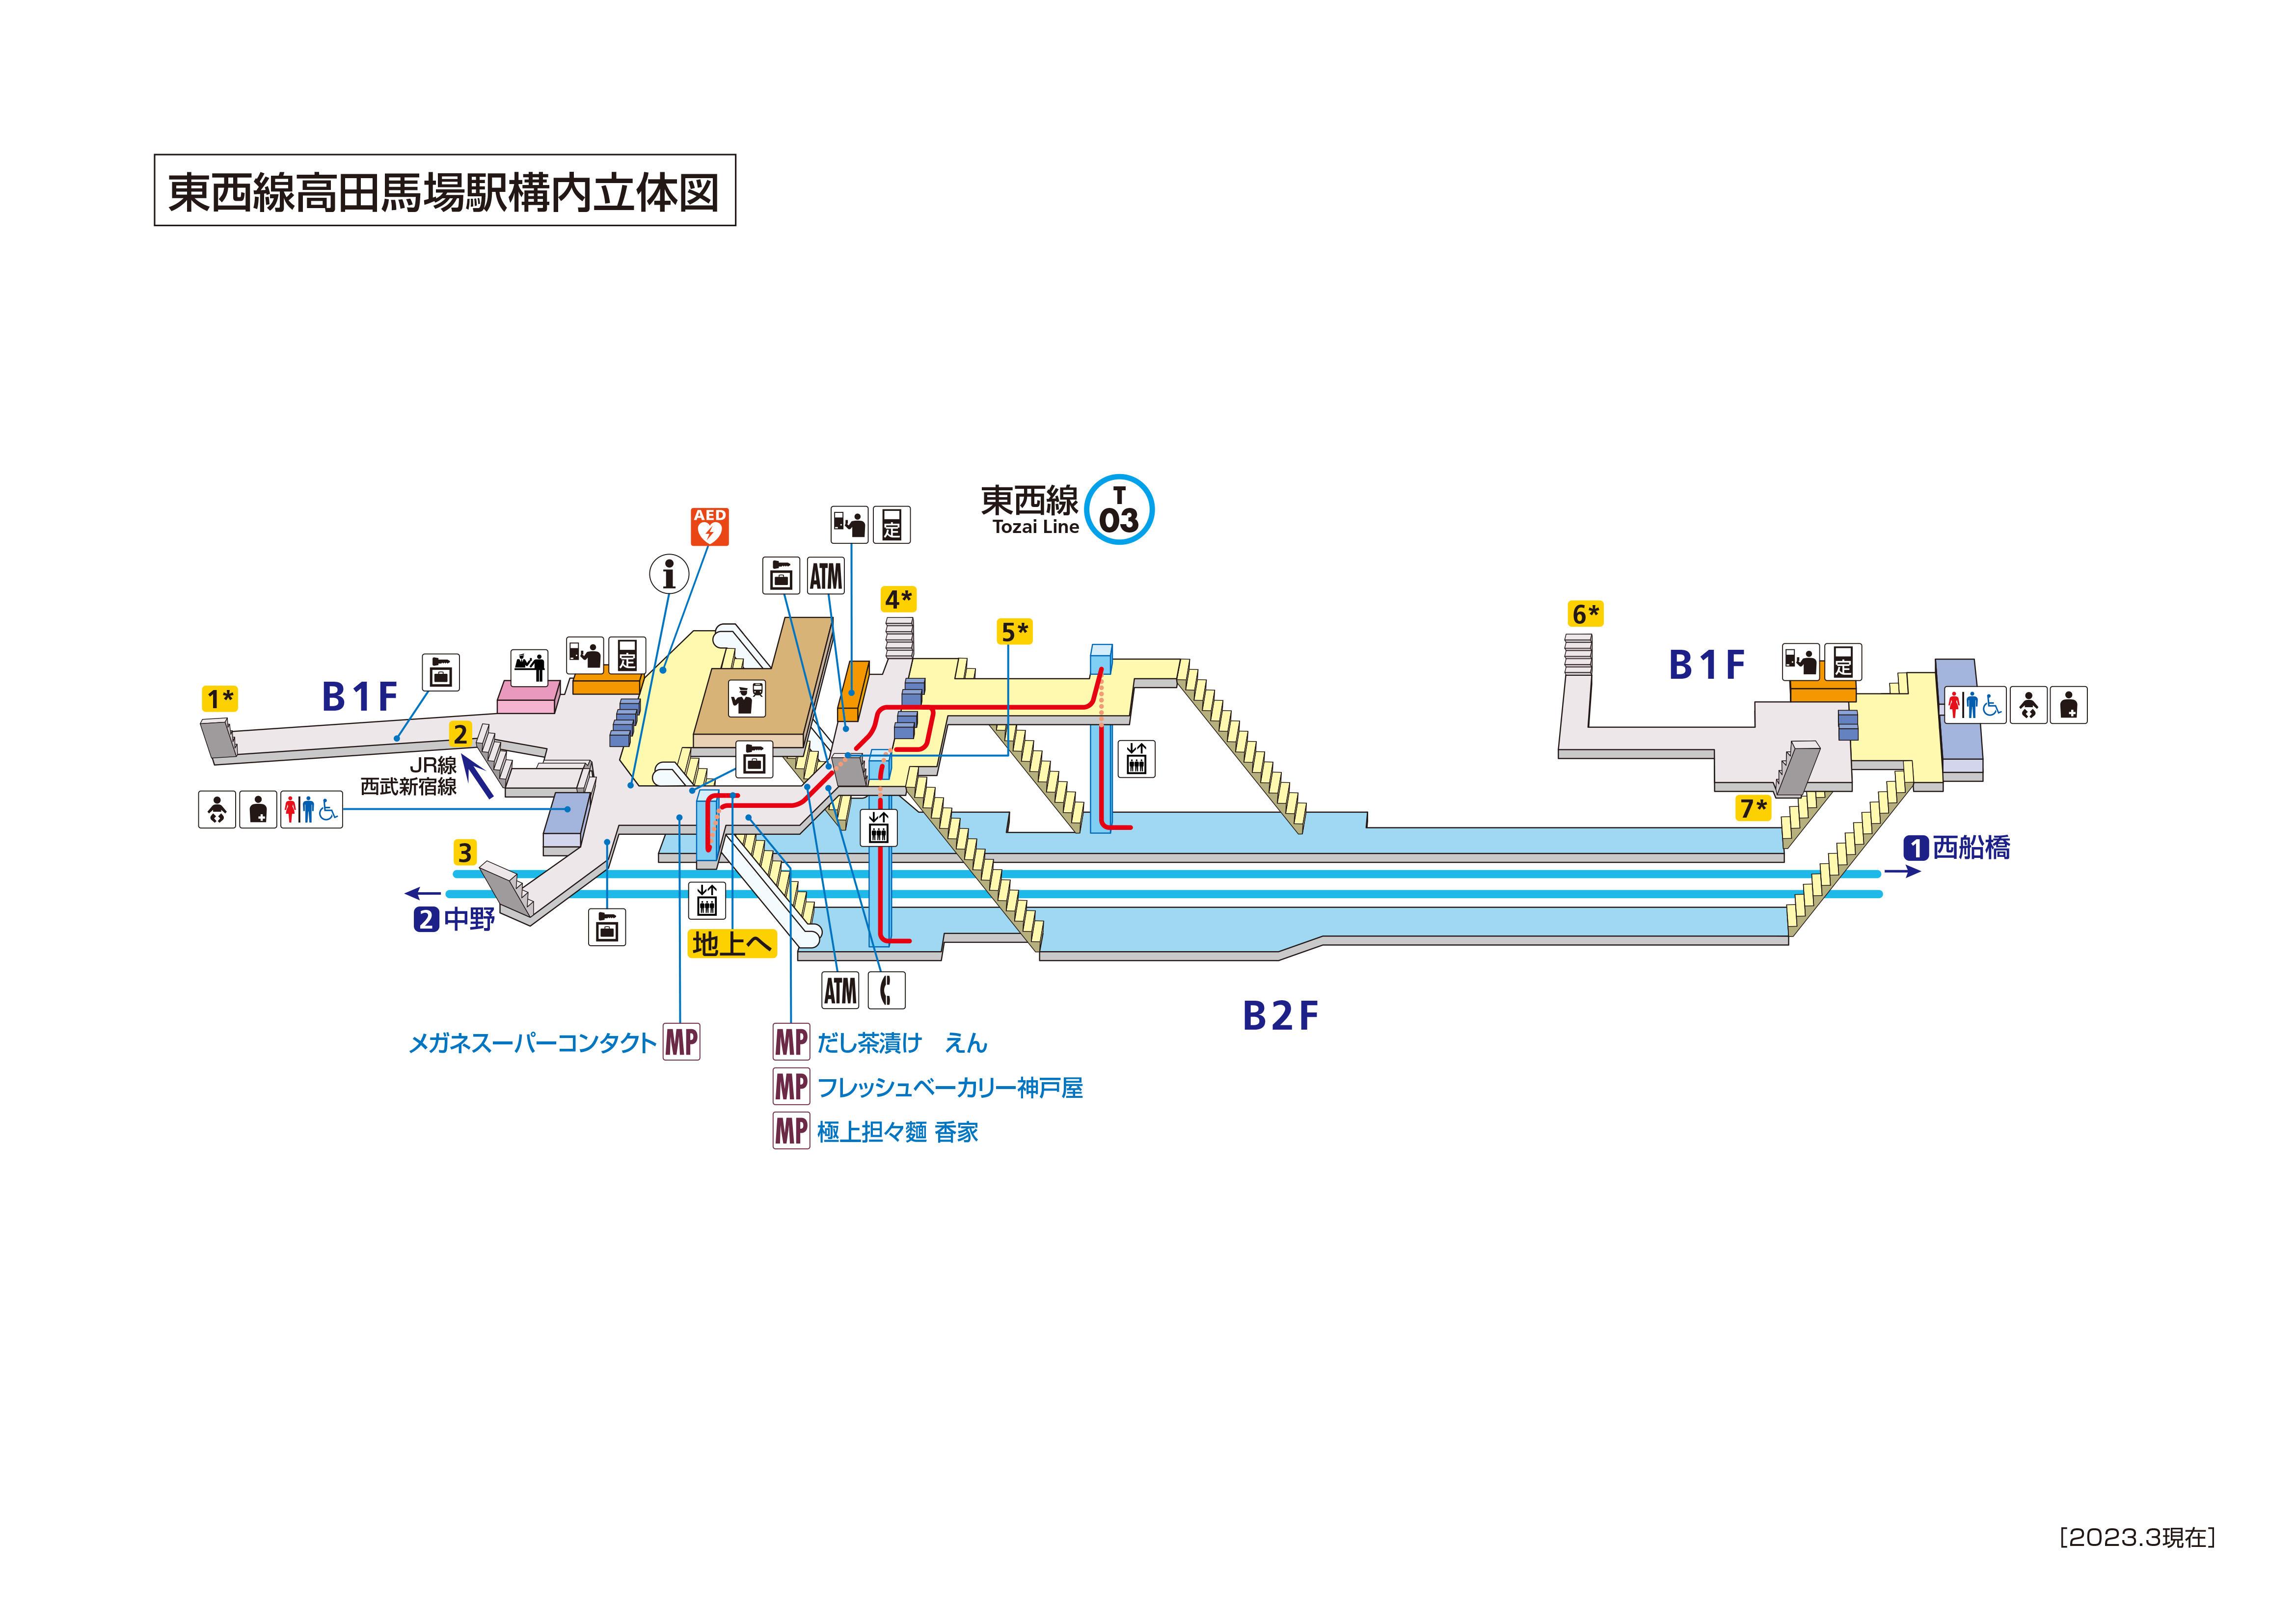 西武 新宿 線 運行 状況